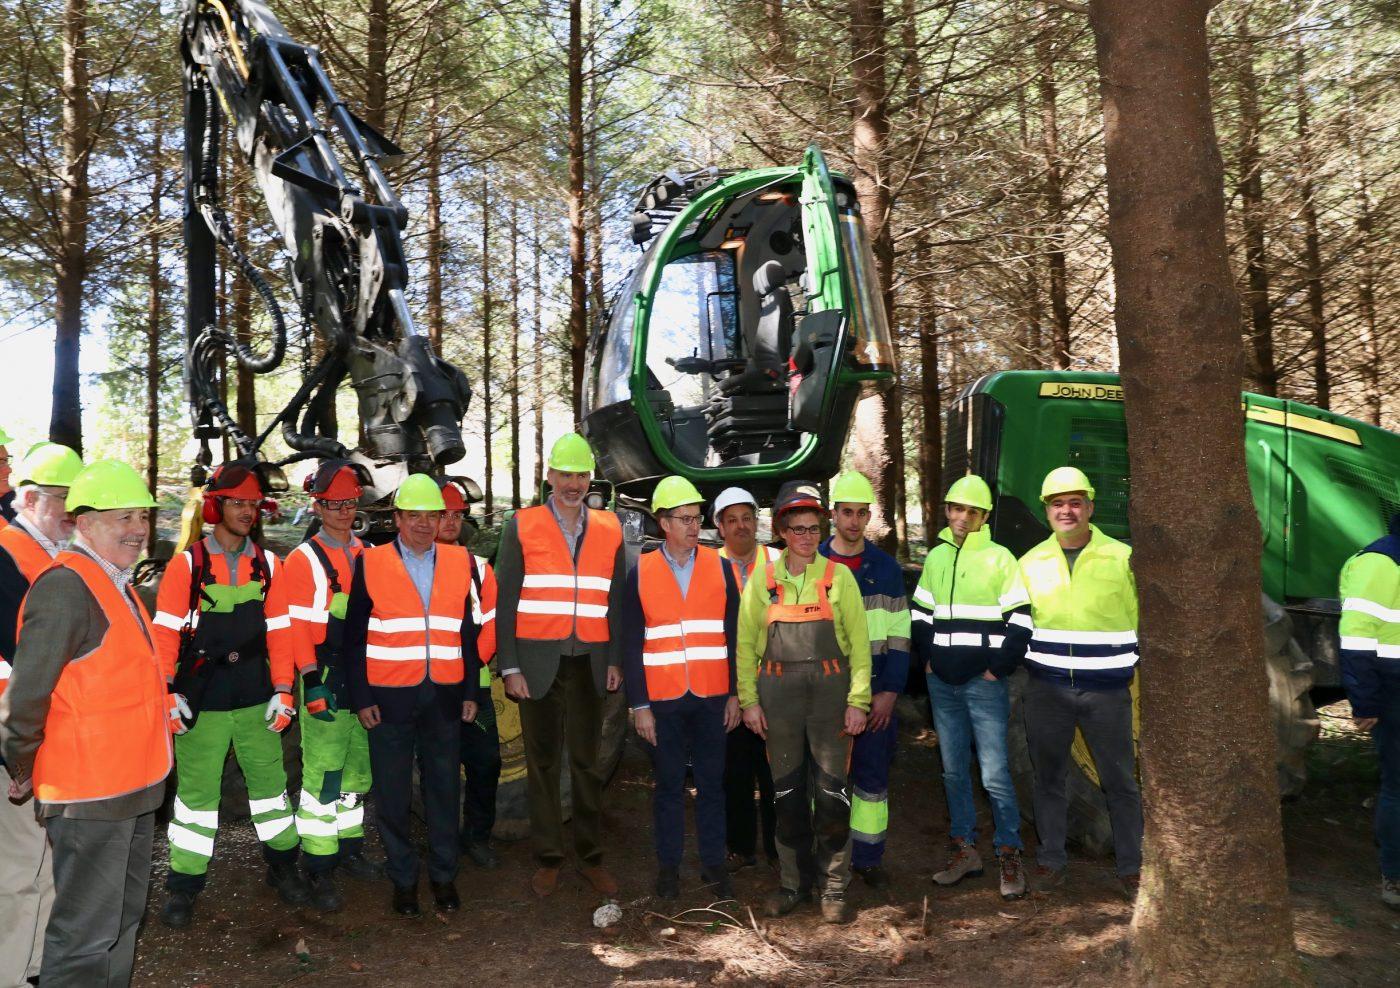 El Rey conoce los trabajos selvícolas gallegos en el Día Internacional de los Bosques